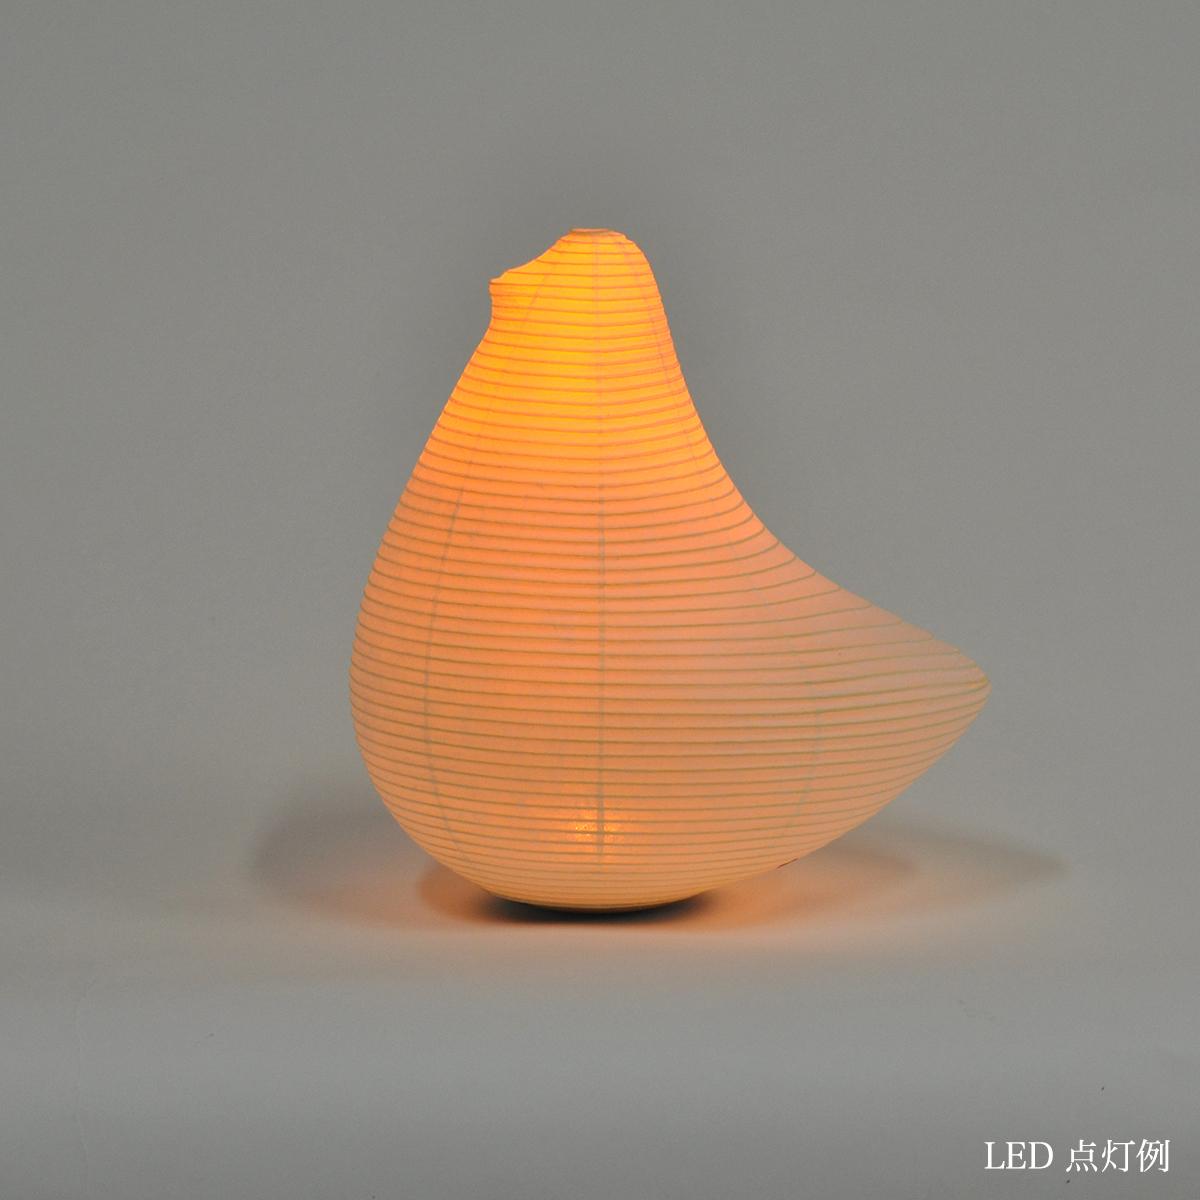 癒しの揺らぐ提灯式ランプ SWING - リラックス空間を作る「提灯式」ランプ とり / SMALL